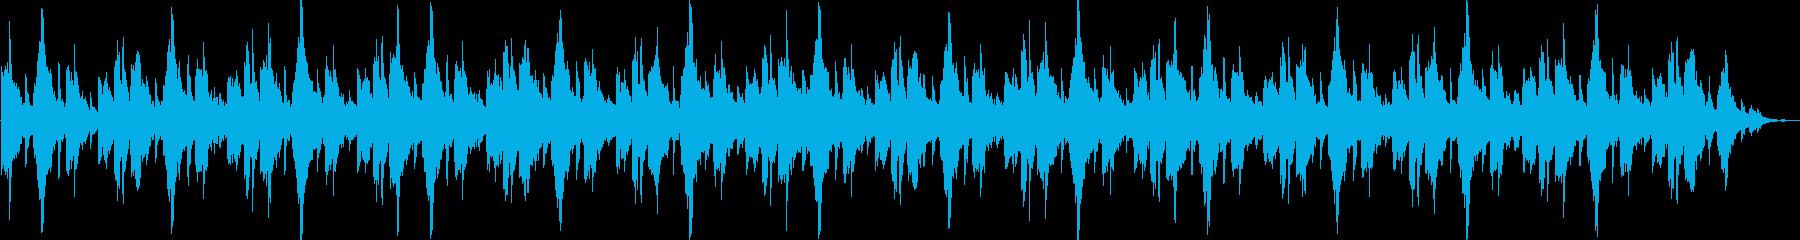 【瞑想】ヒーリング/ヨガ/神秘的の再生済みの波形